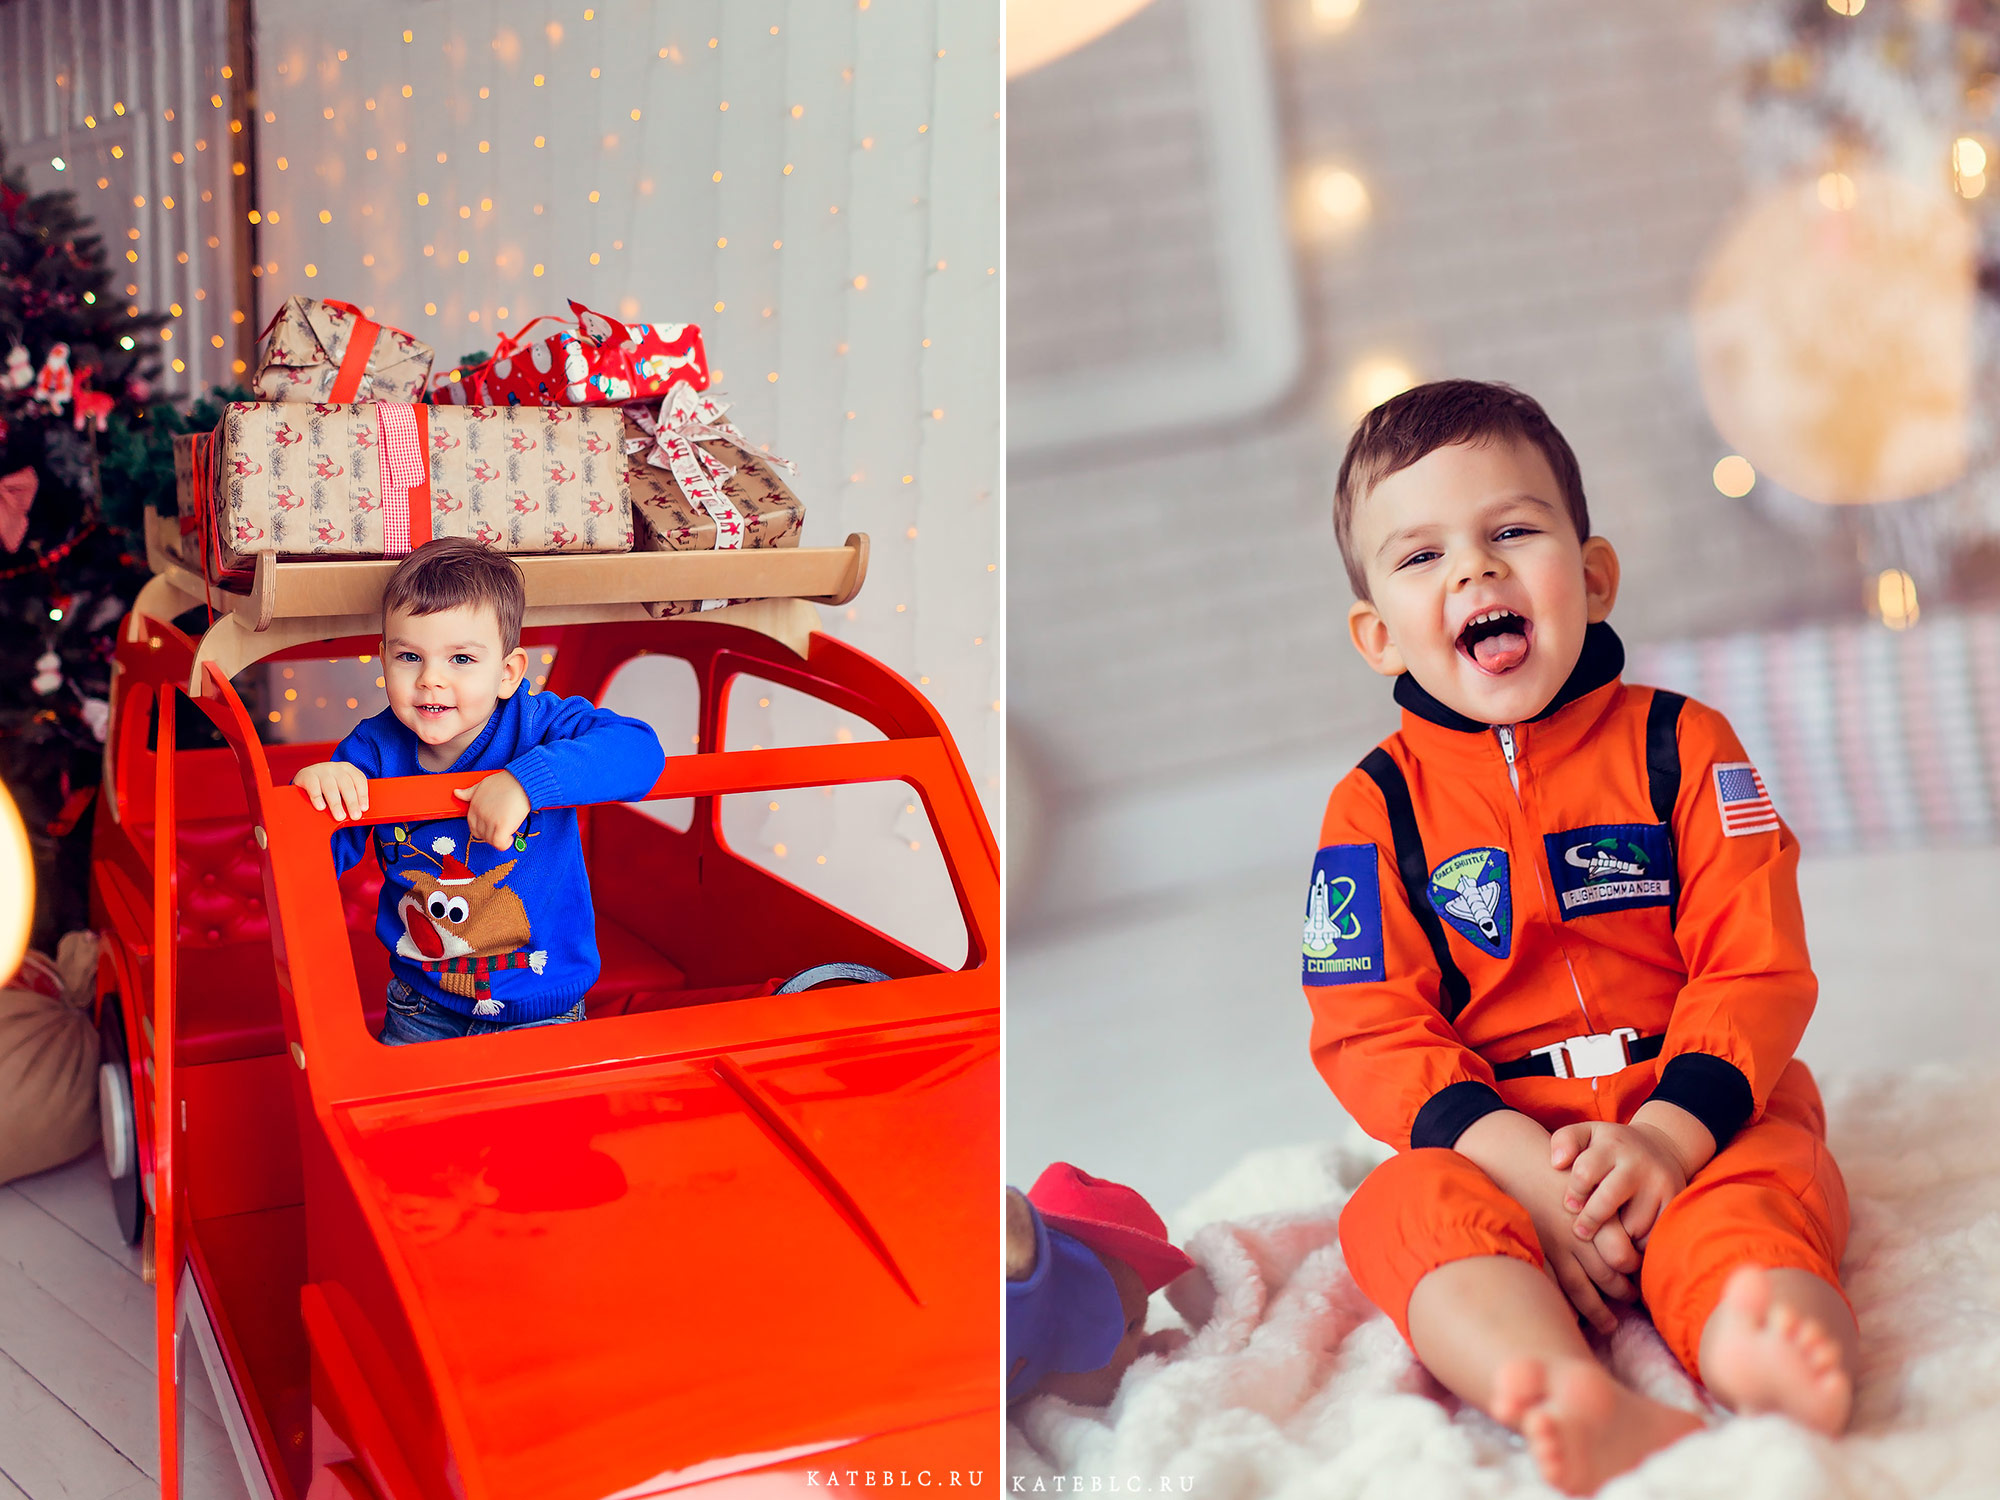 Новогодние фотографии мальчика в светлой студии. Детский фотограф в Москве.